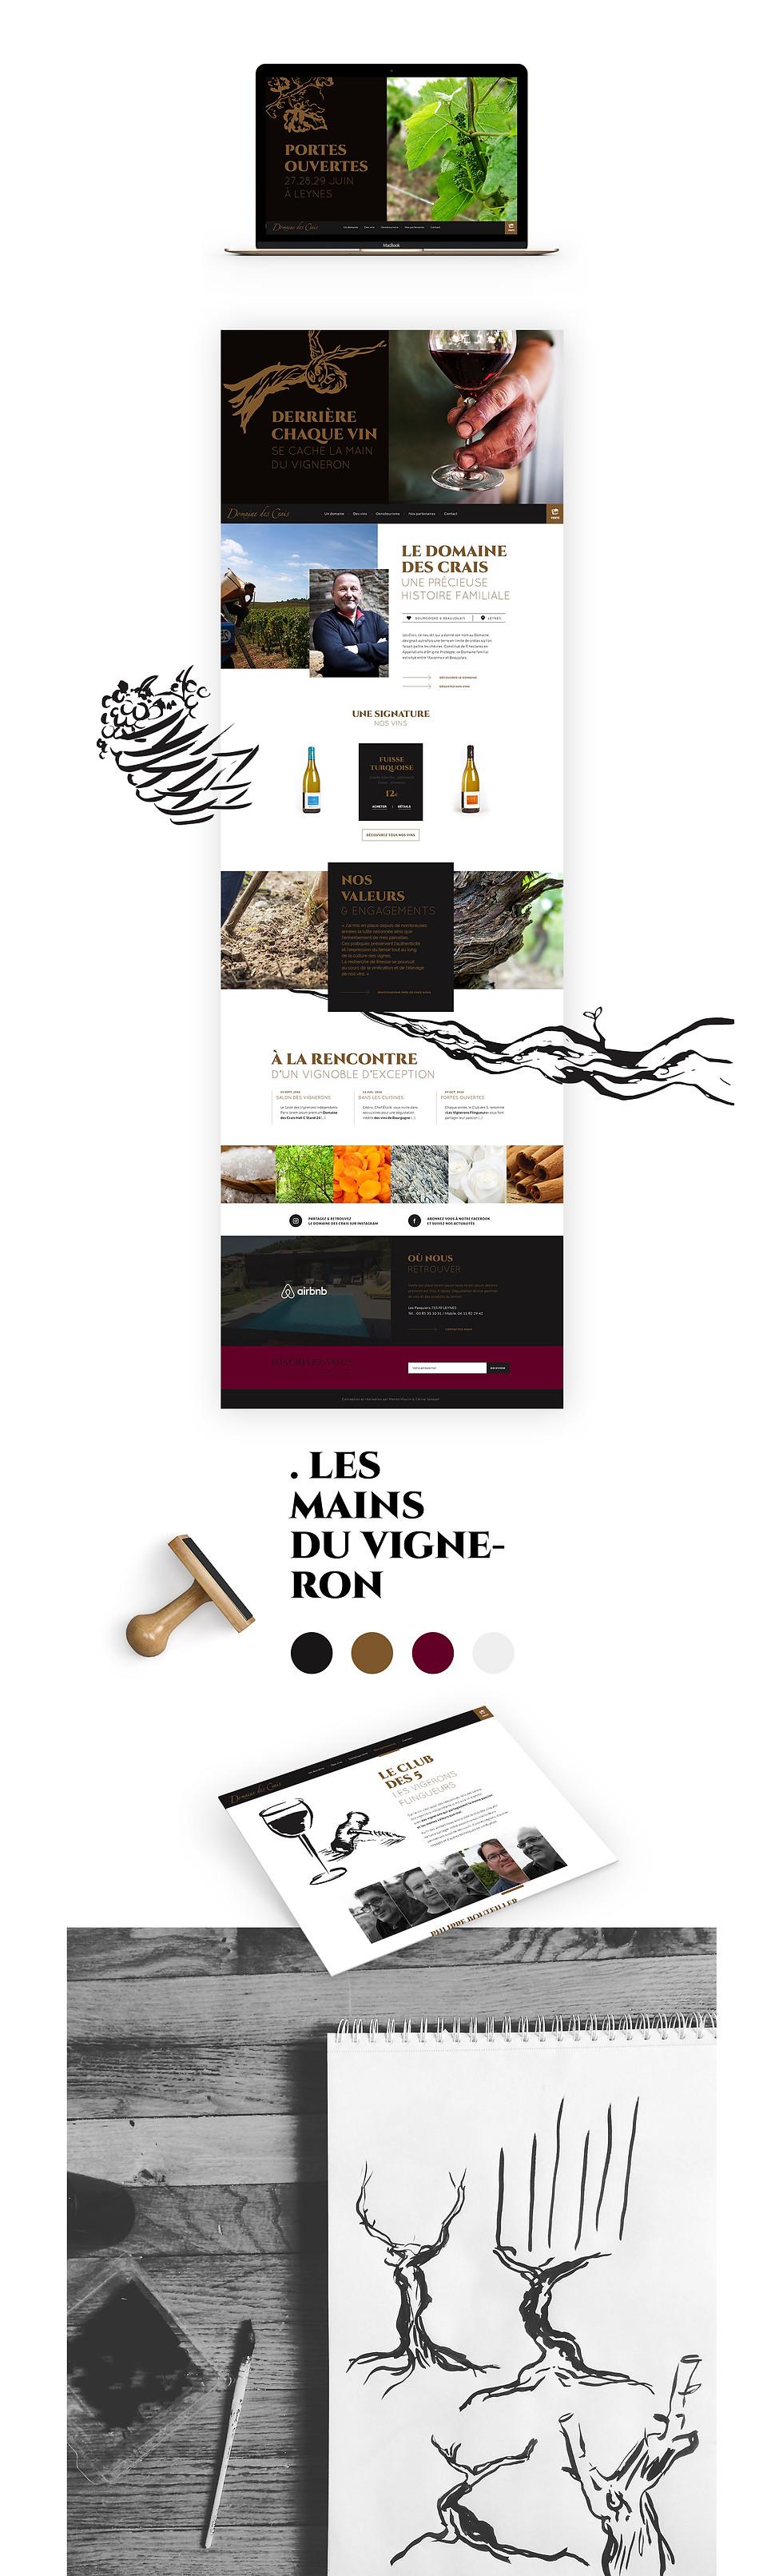 Création, réalisation du site web du Domaine des Crais vignerons Artisans Terroir, illustration direction artistique, création par Studio Makémaké